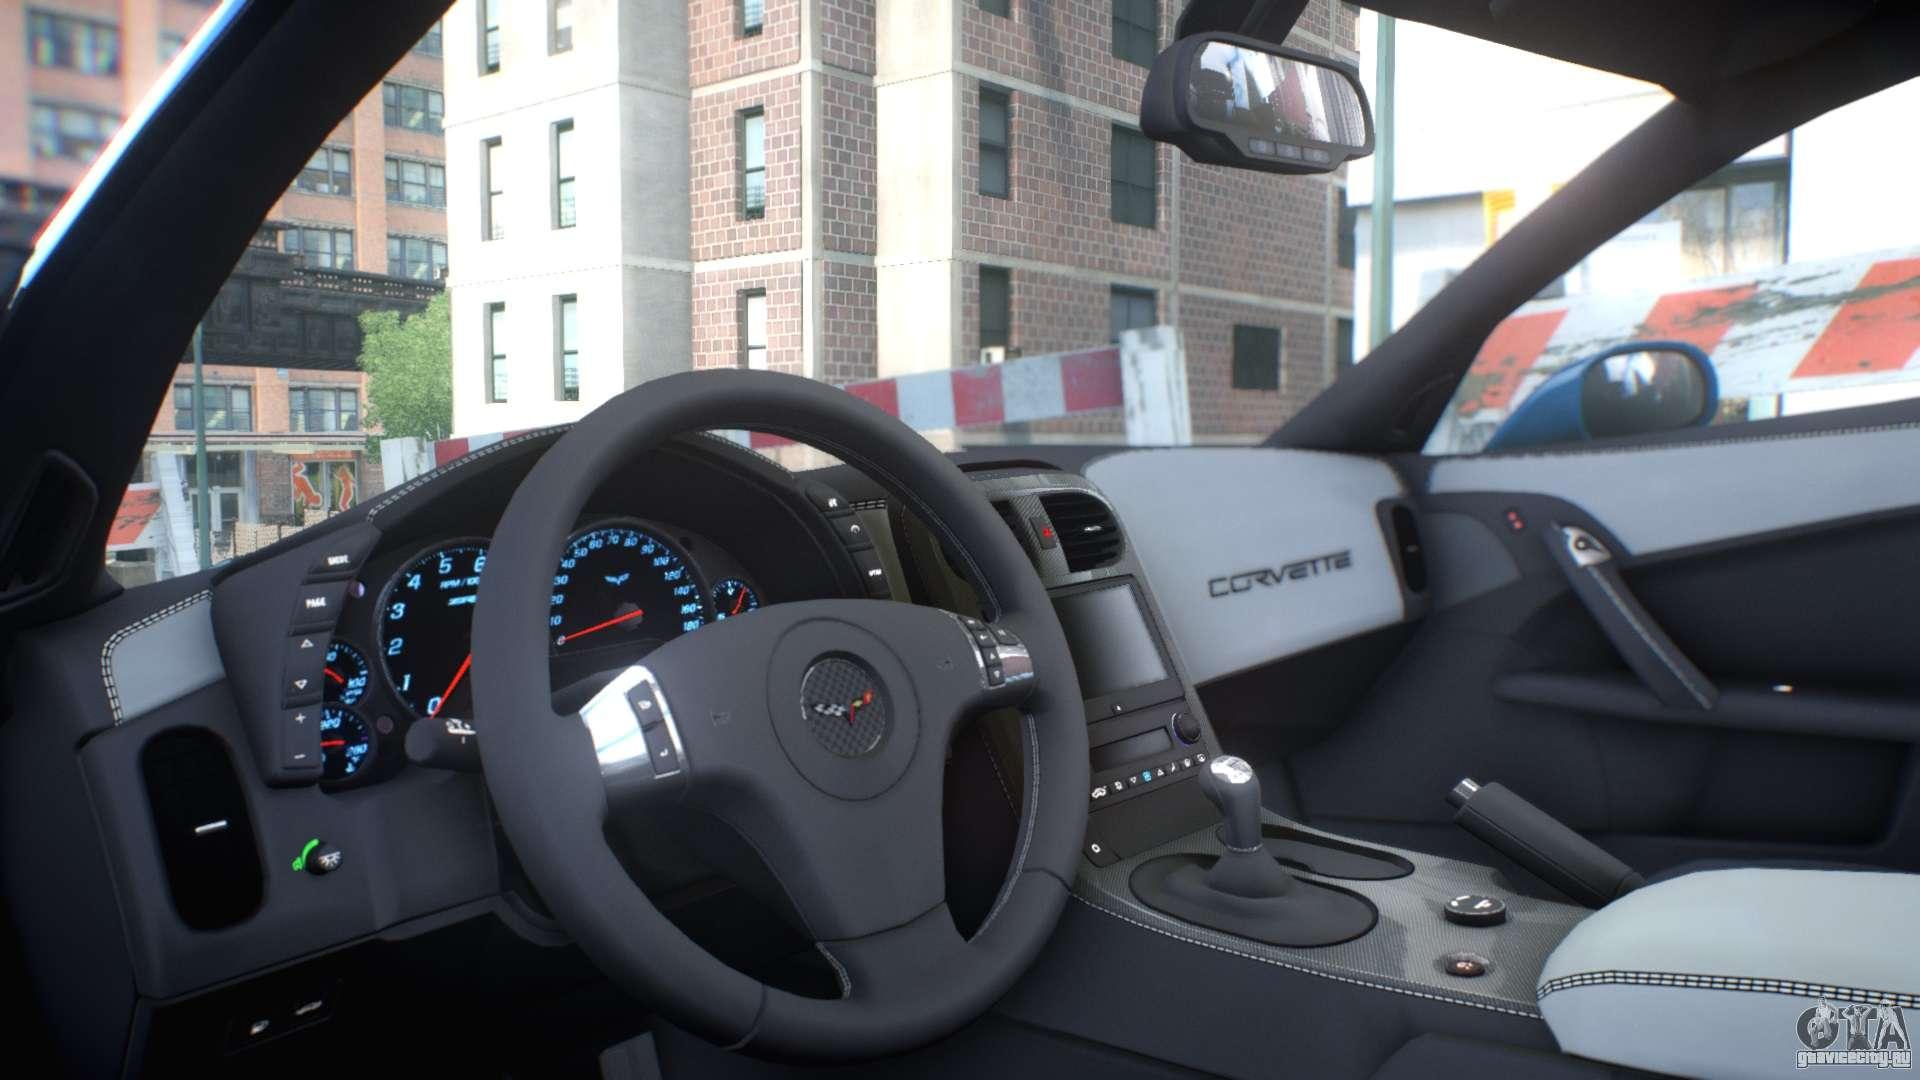 Моды для GTA 4 с автоматической установкой: скачать